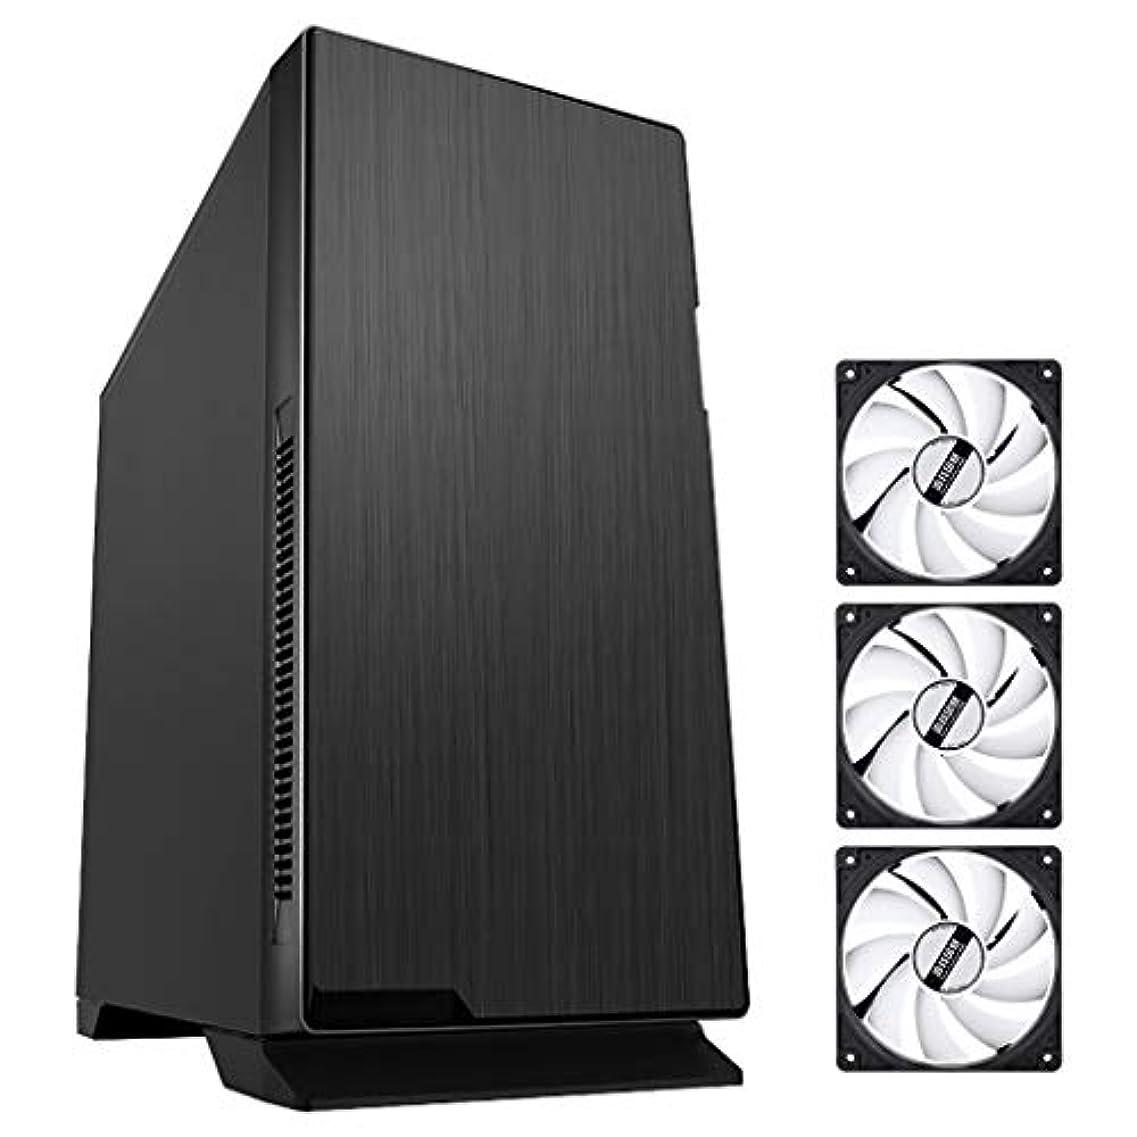 戻すトラフ貫入XZ15 ミッドタワーPCゲーミングコンピューターケース、ATX、M-ATX、ITX、3x120mmサイレントファン、ゲーマー高性能シャーシ、ブラック (Color : Black)